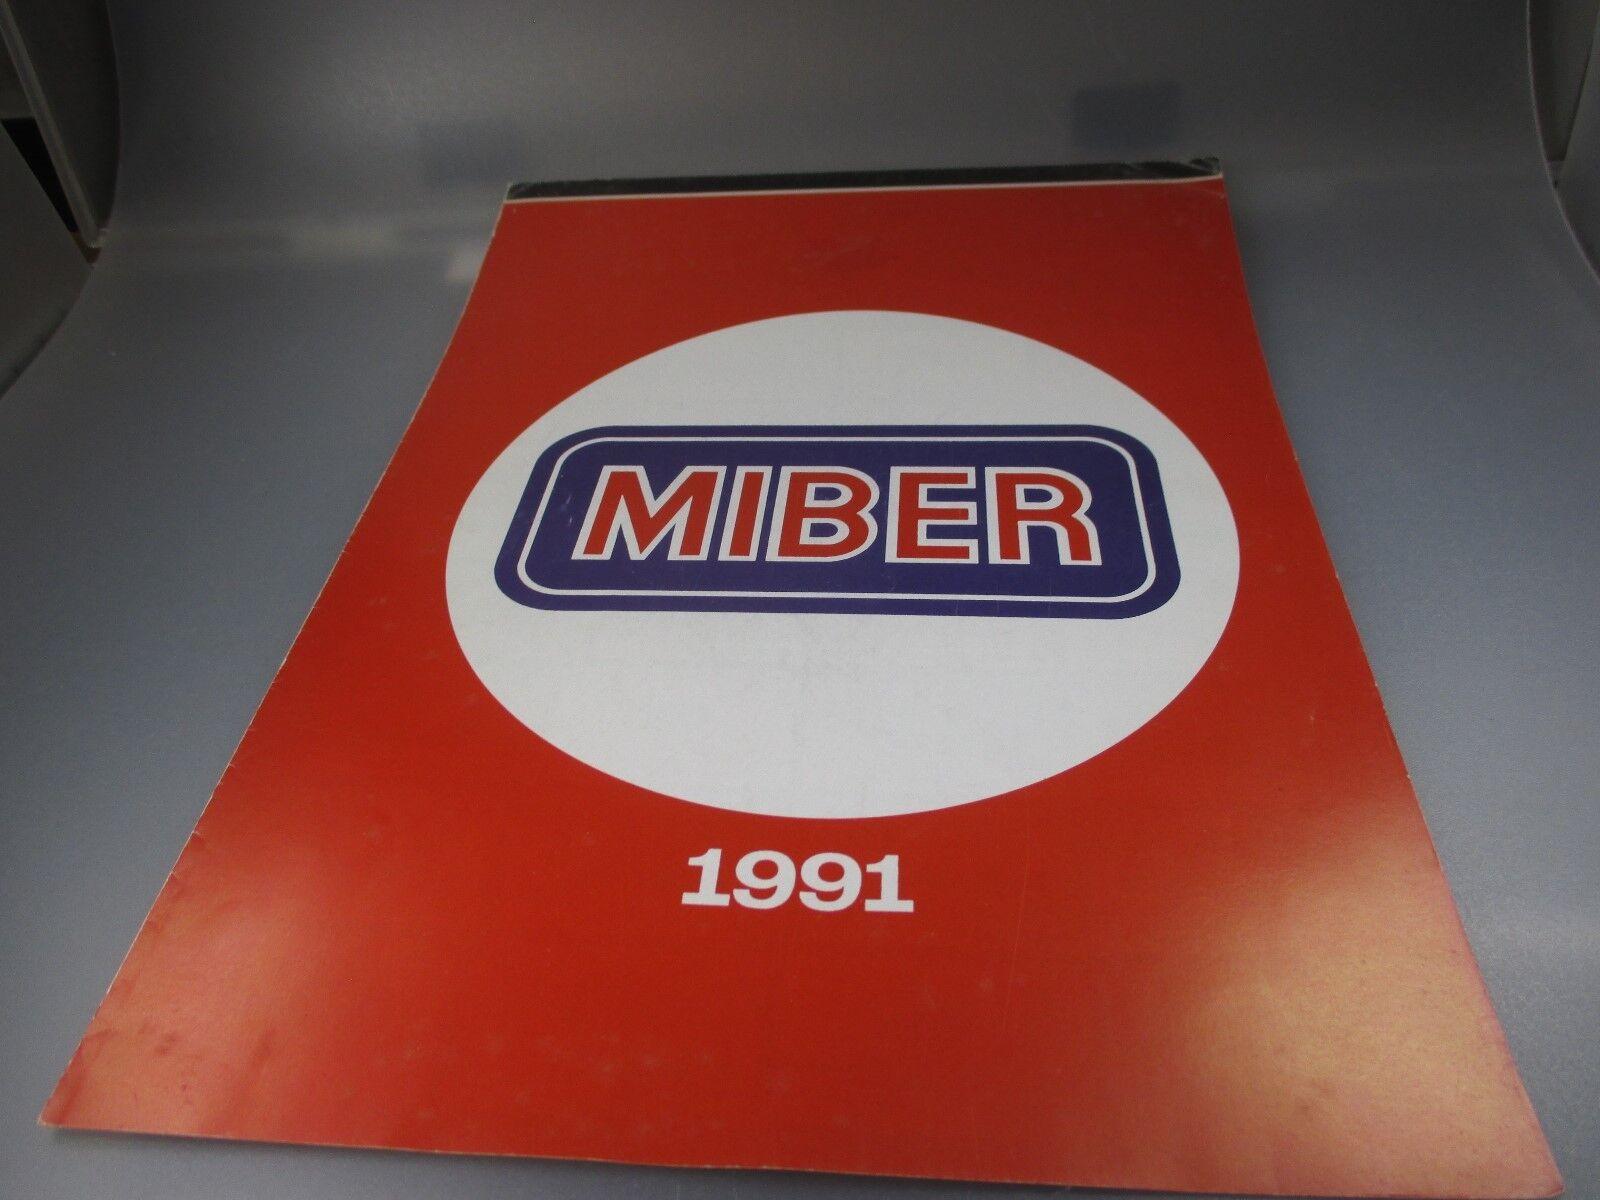 MIBER  TOTAL-Program 1991, plus rarement prospectus des recherché 1 87 modèles (gk76)